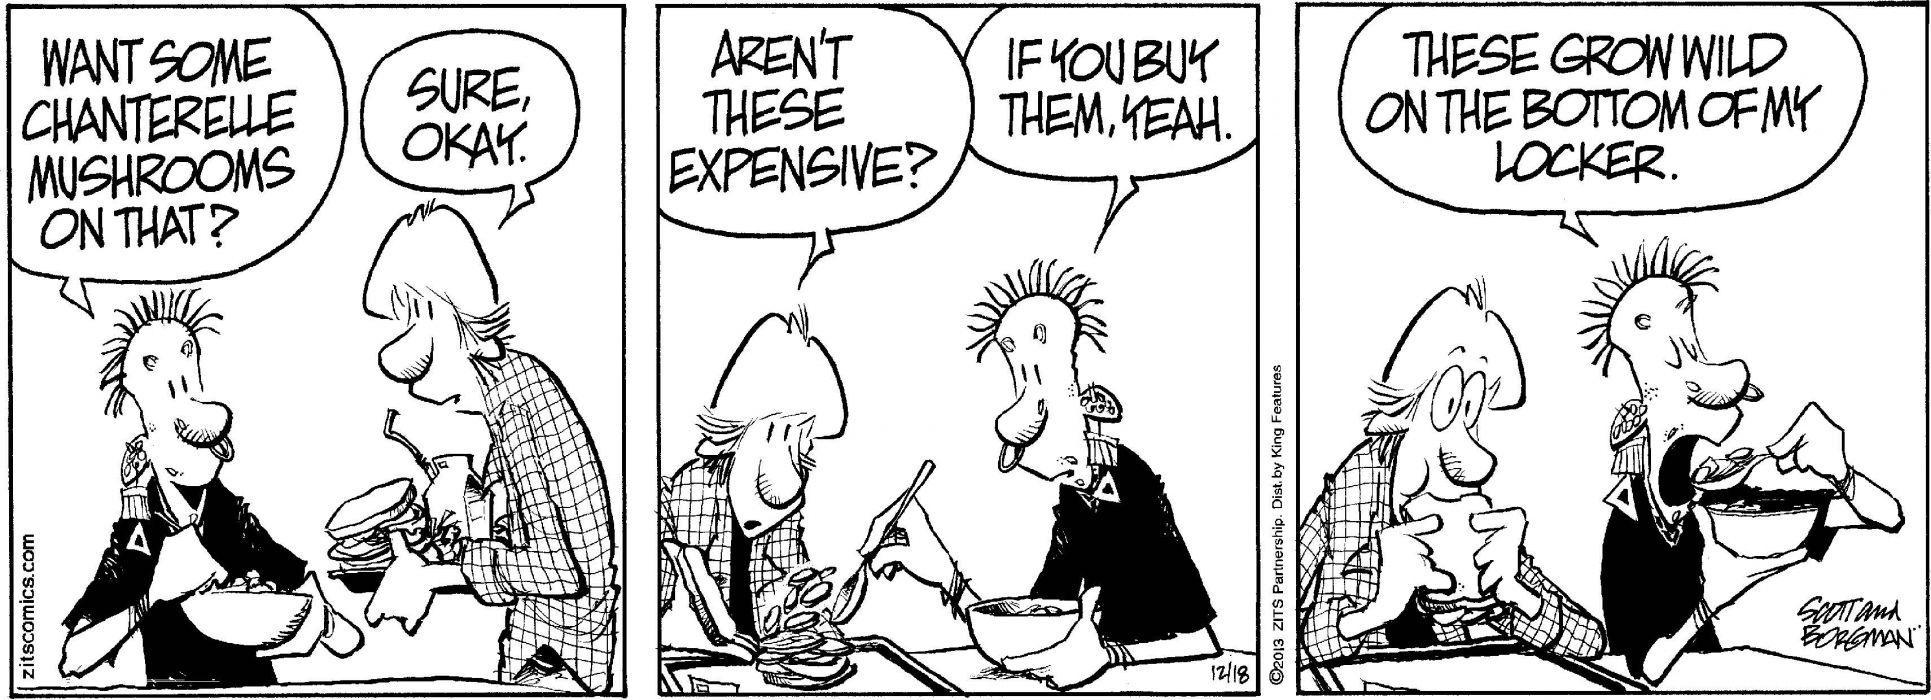 ZITS comicstrip humor funny (71) wallpaper